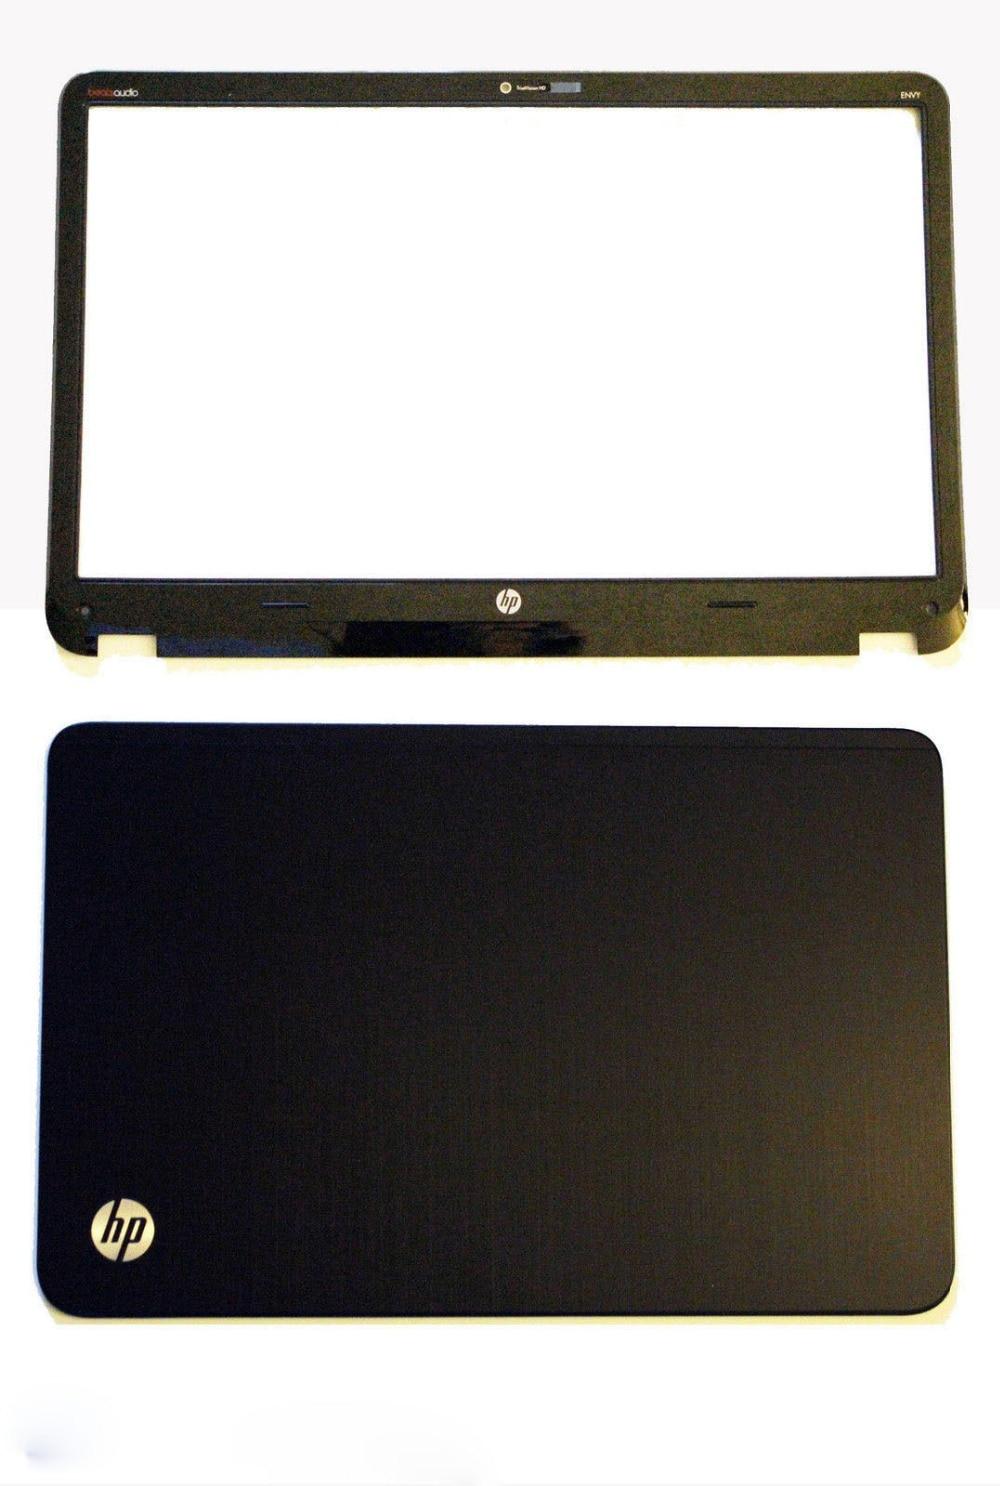 HP Envy6 Envy 6-1000 LCD Back Cover Case & Front Bezel 692382-001 686591-001